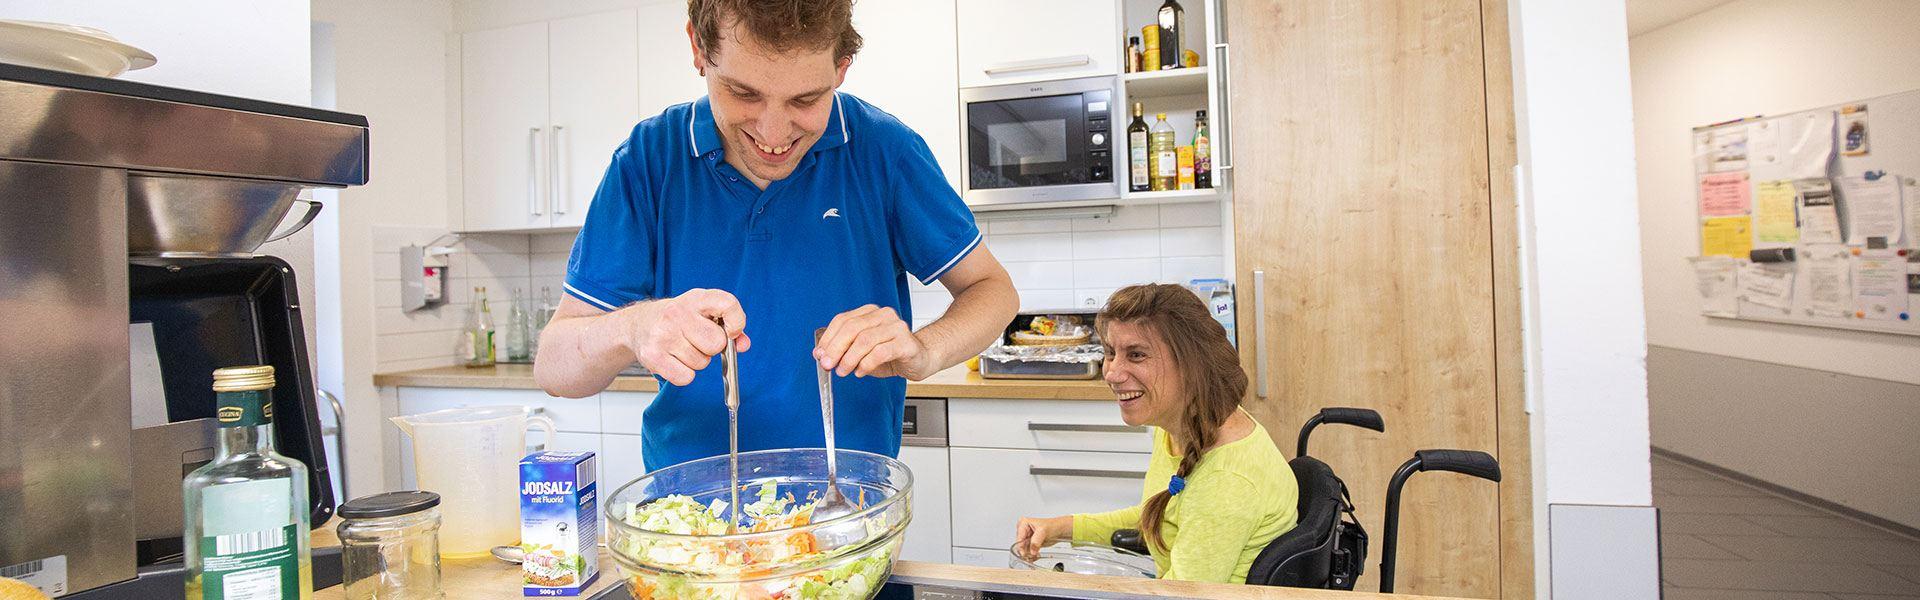 Ein Bewohner und eine Bewohnerin beim Zubereiten eines Salats